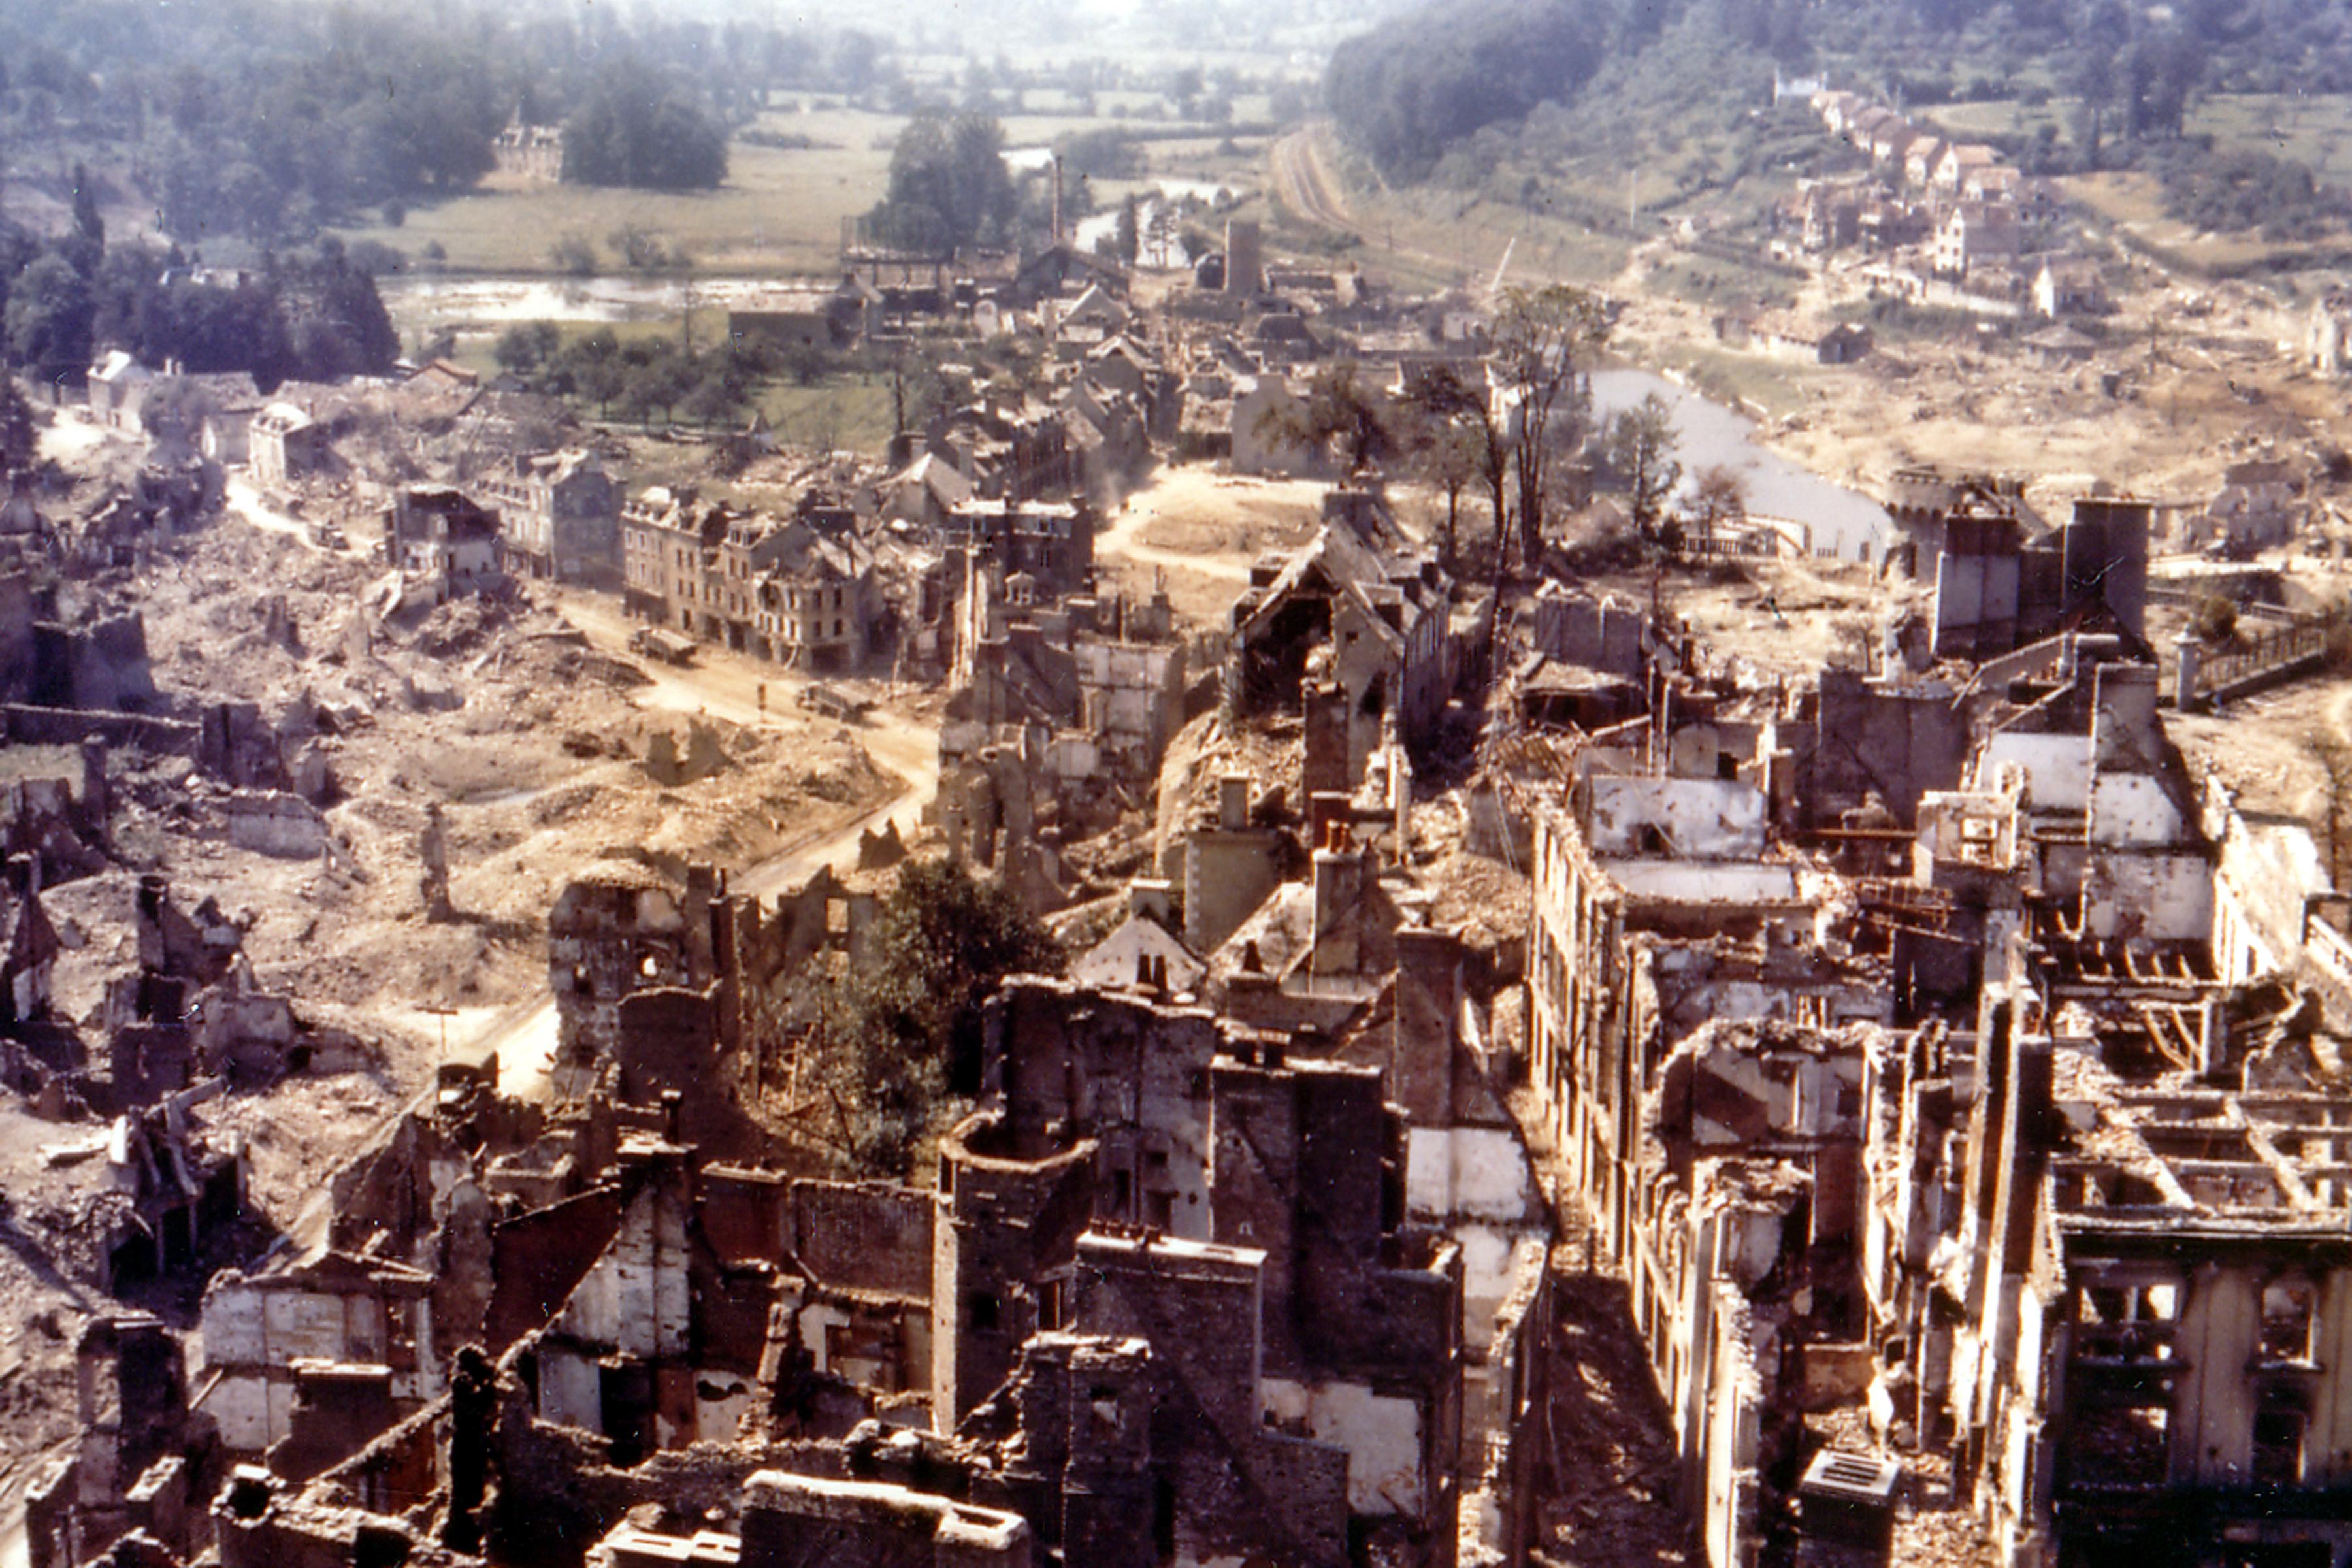 Die zerstörte Stadt Saint-Lô in der Normandie (Frankreich)